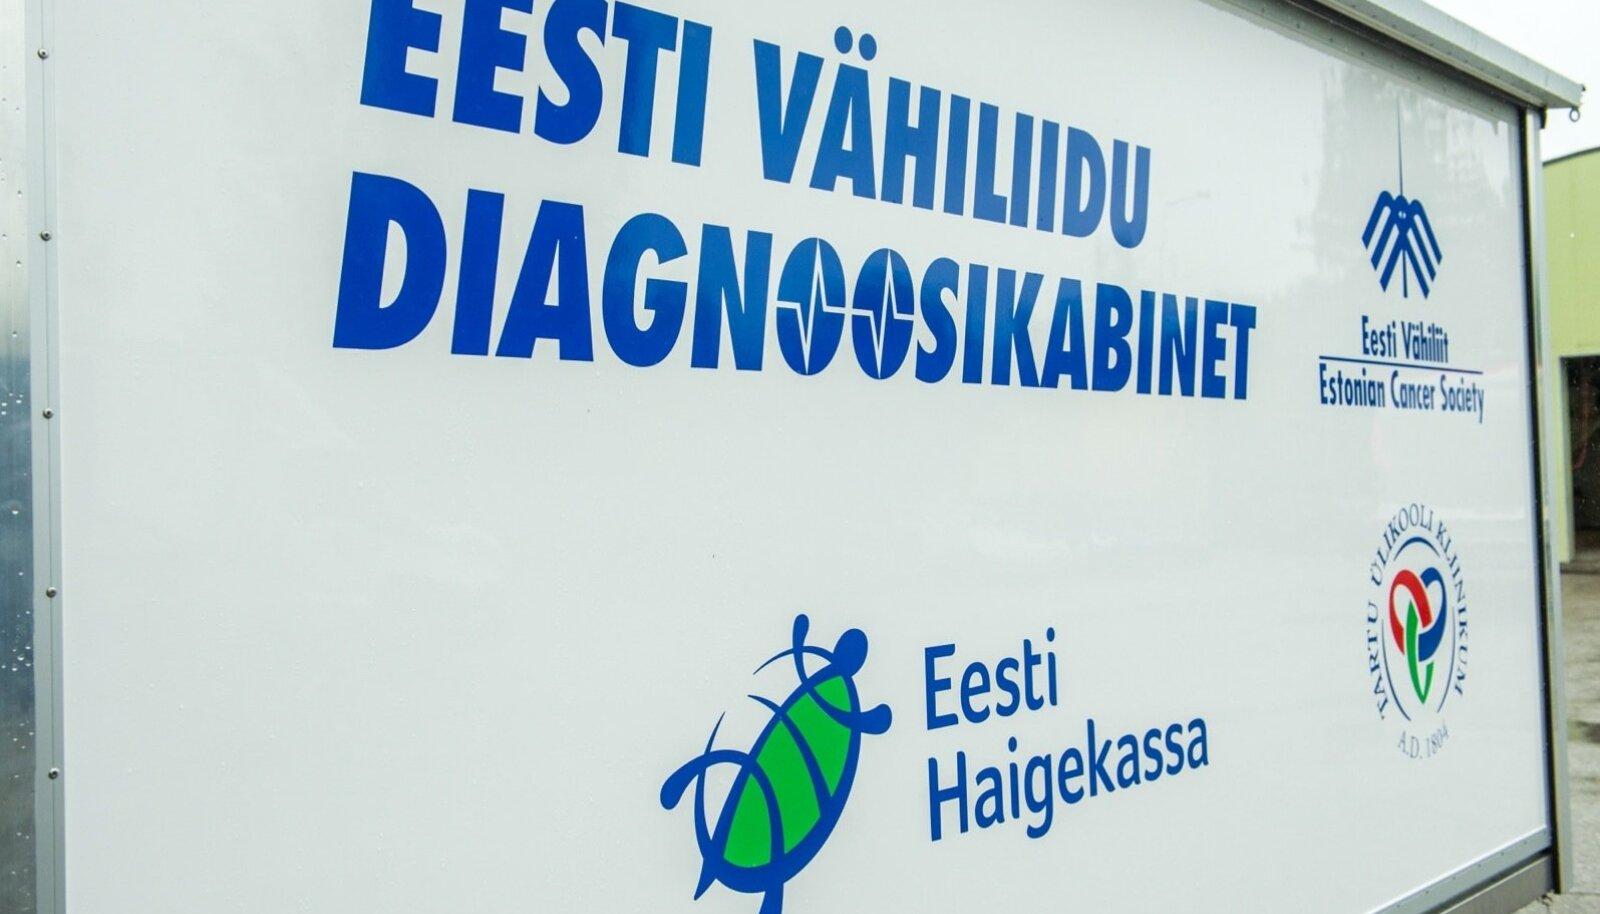 Eesti Vähiliidu diagnoosikabinet